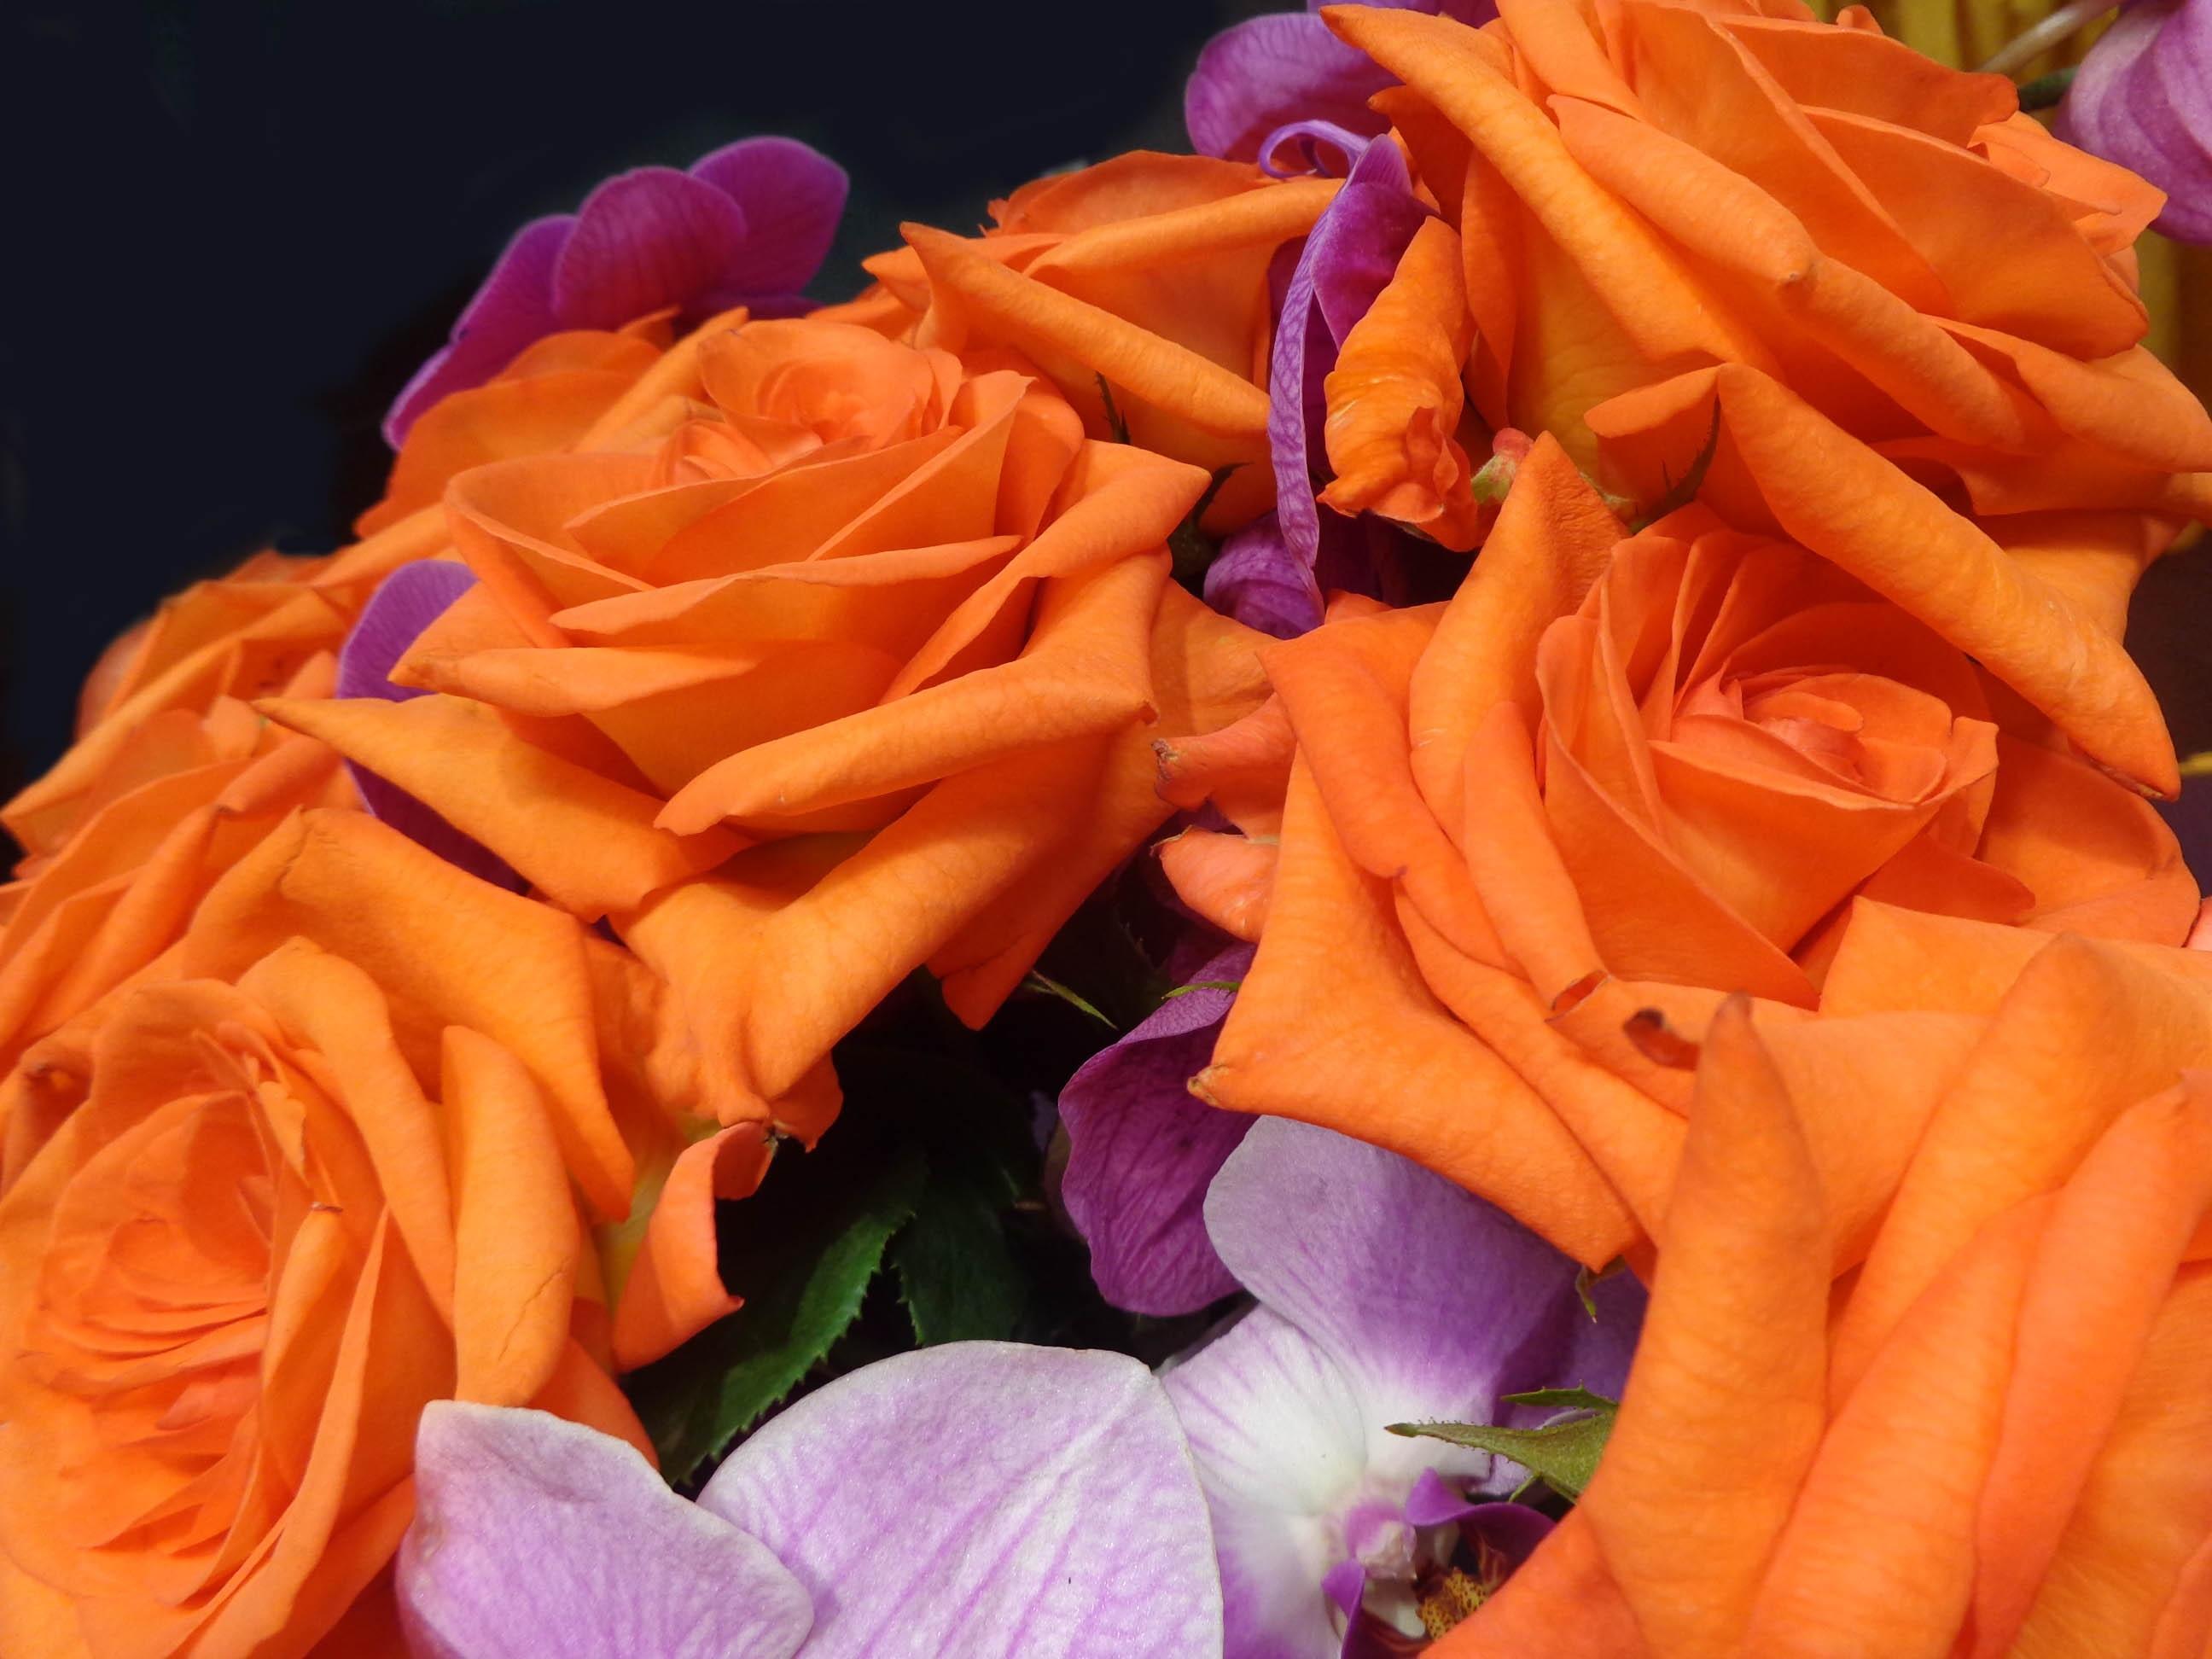 Images Gratuites La Nature Fleur Petale Floral Decoration